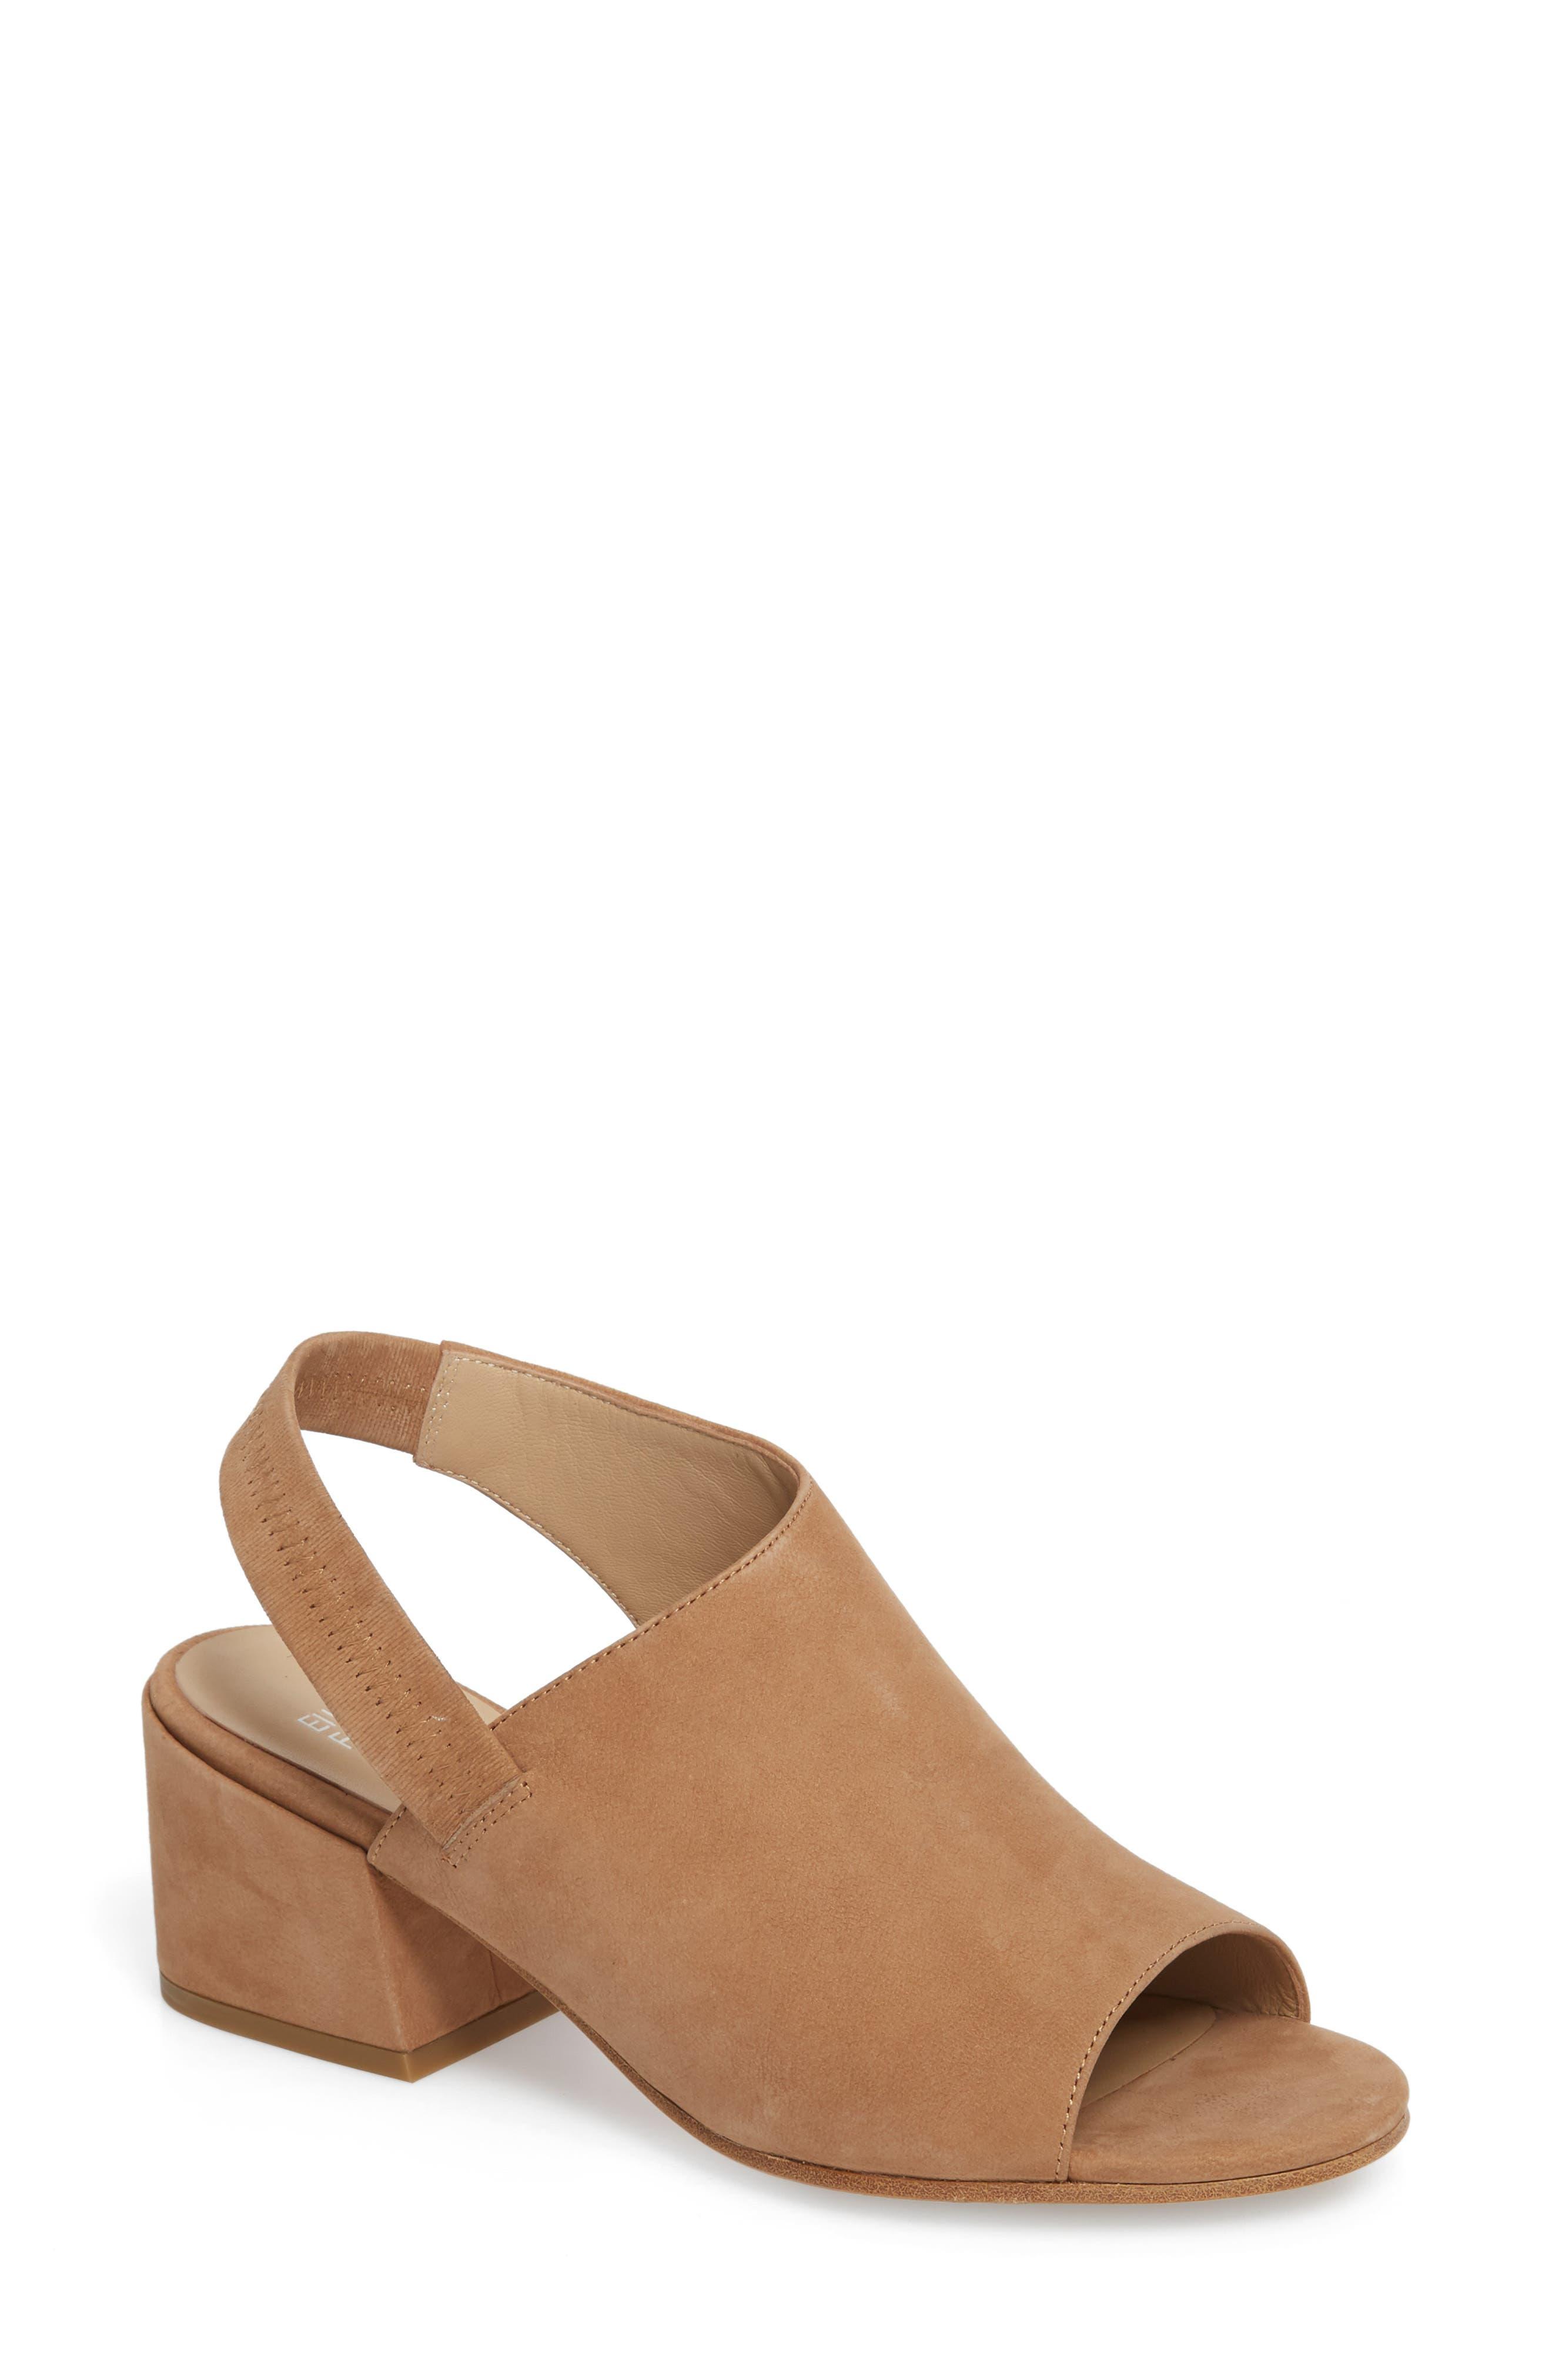 Leigh Asymmetrical Slingback Sandal,                         Main,                         color, Wheat Leather